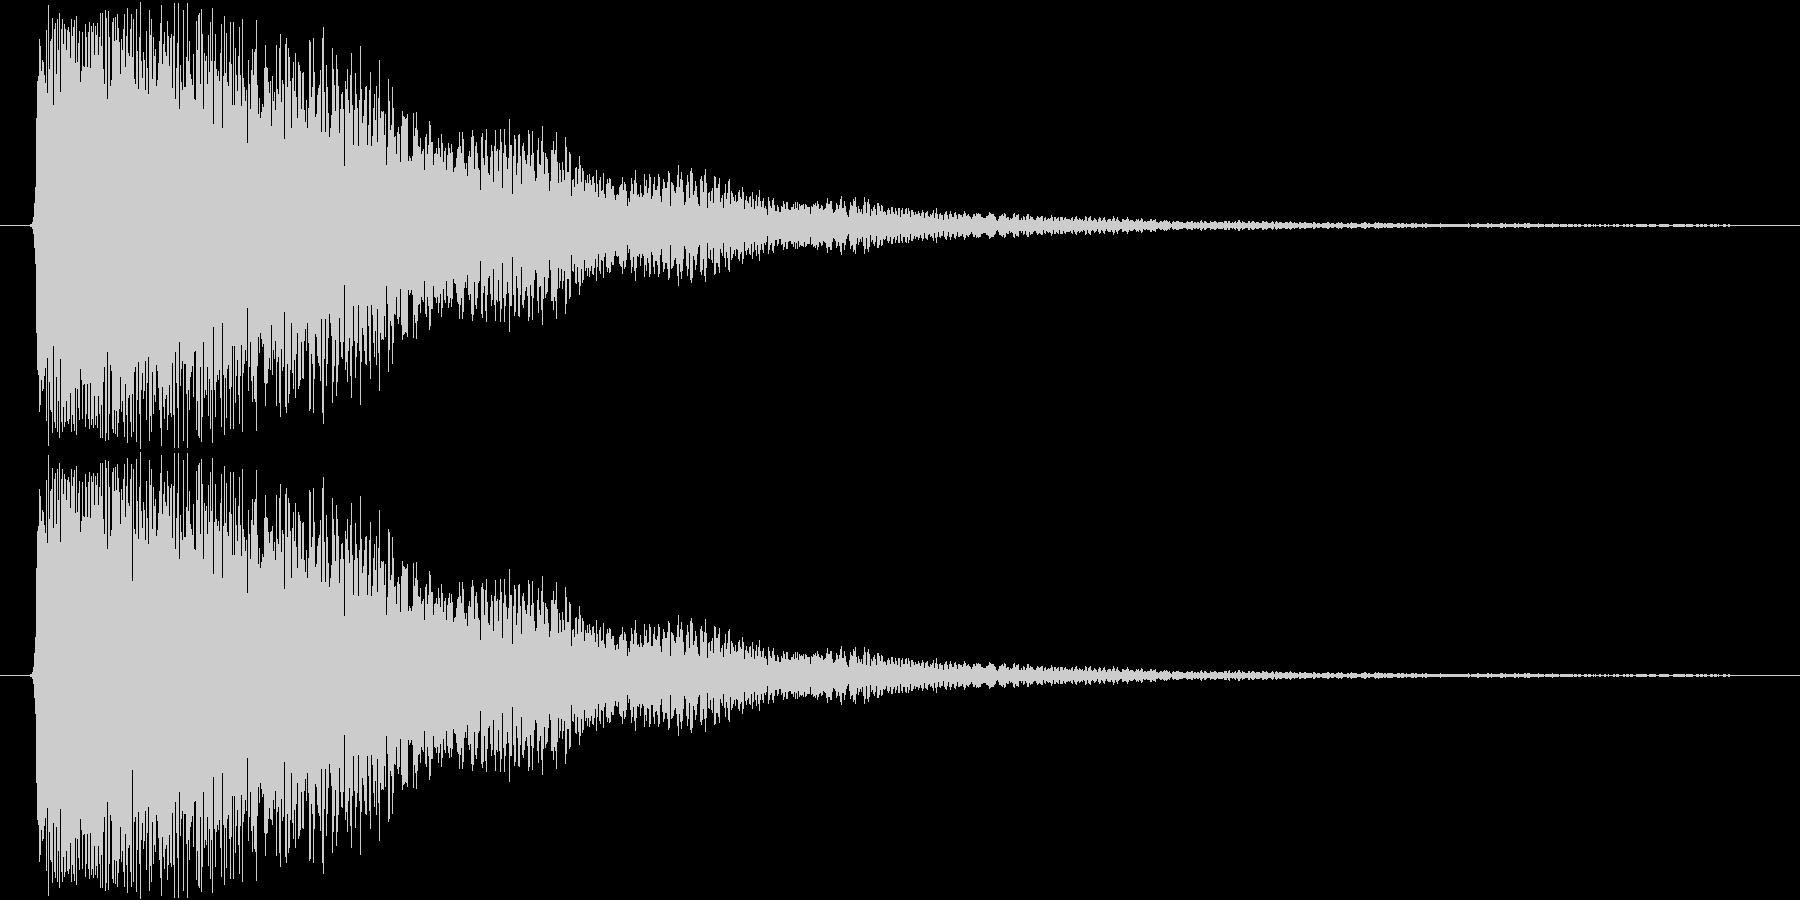 ピカーン(ひらめいた感じ)の未再生の波形